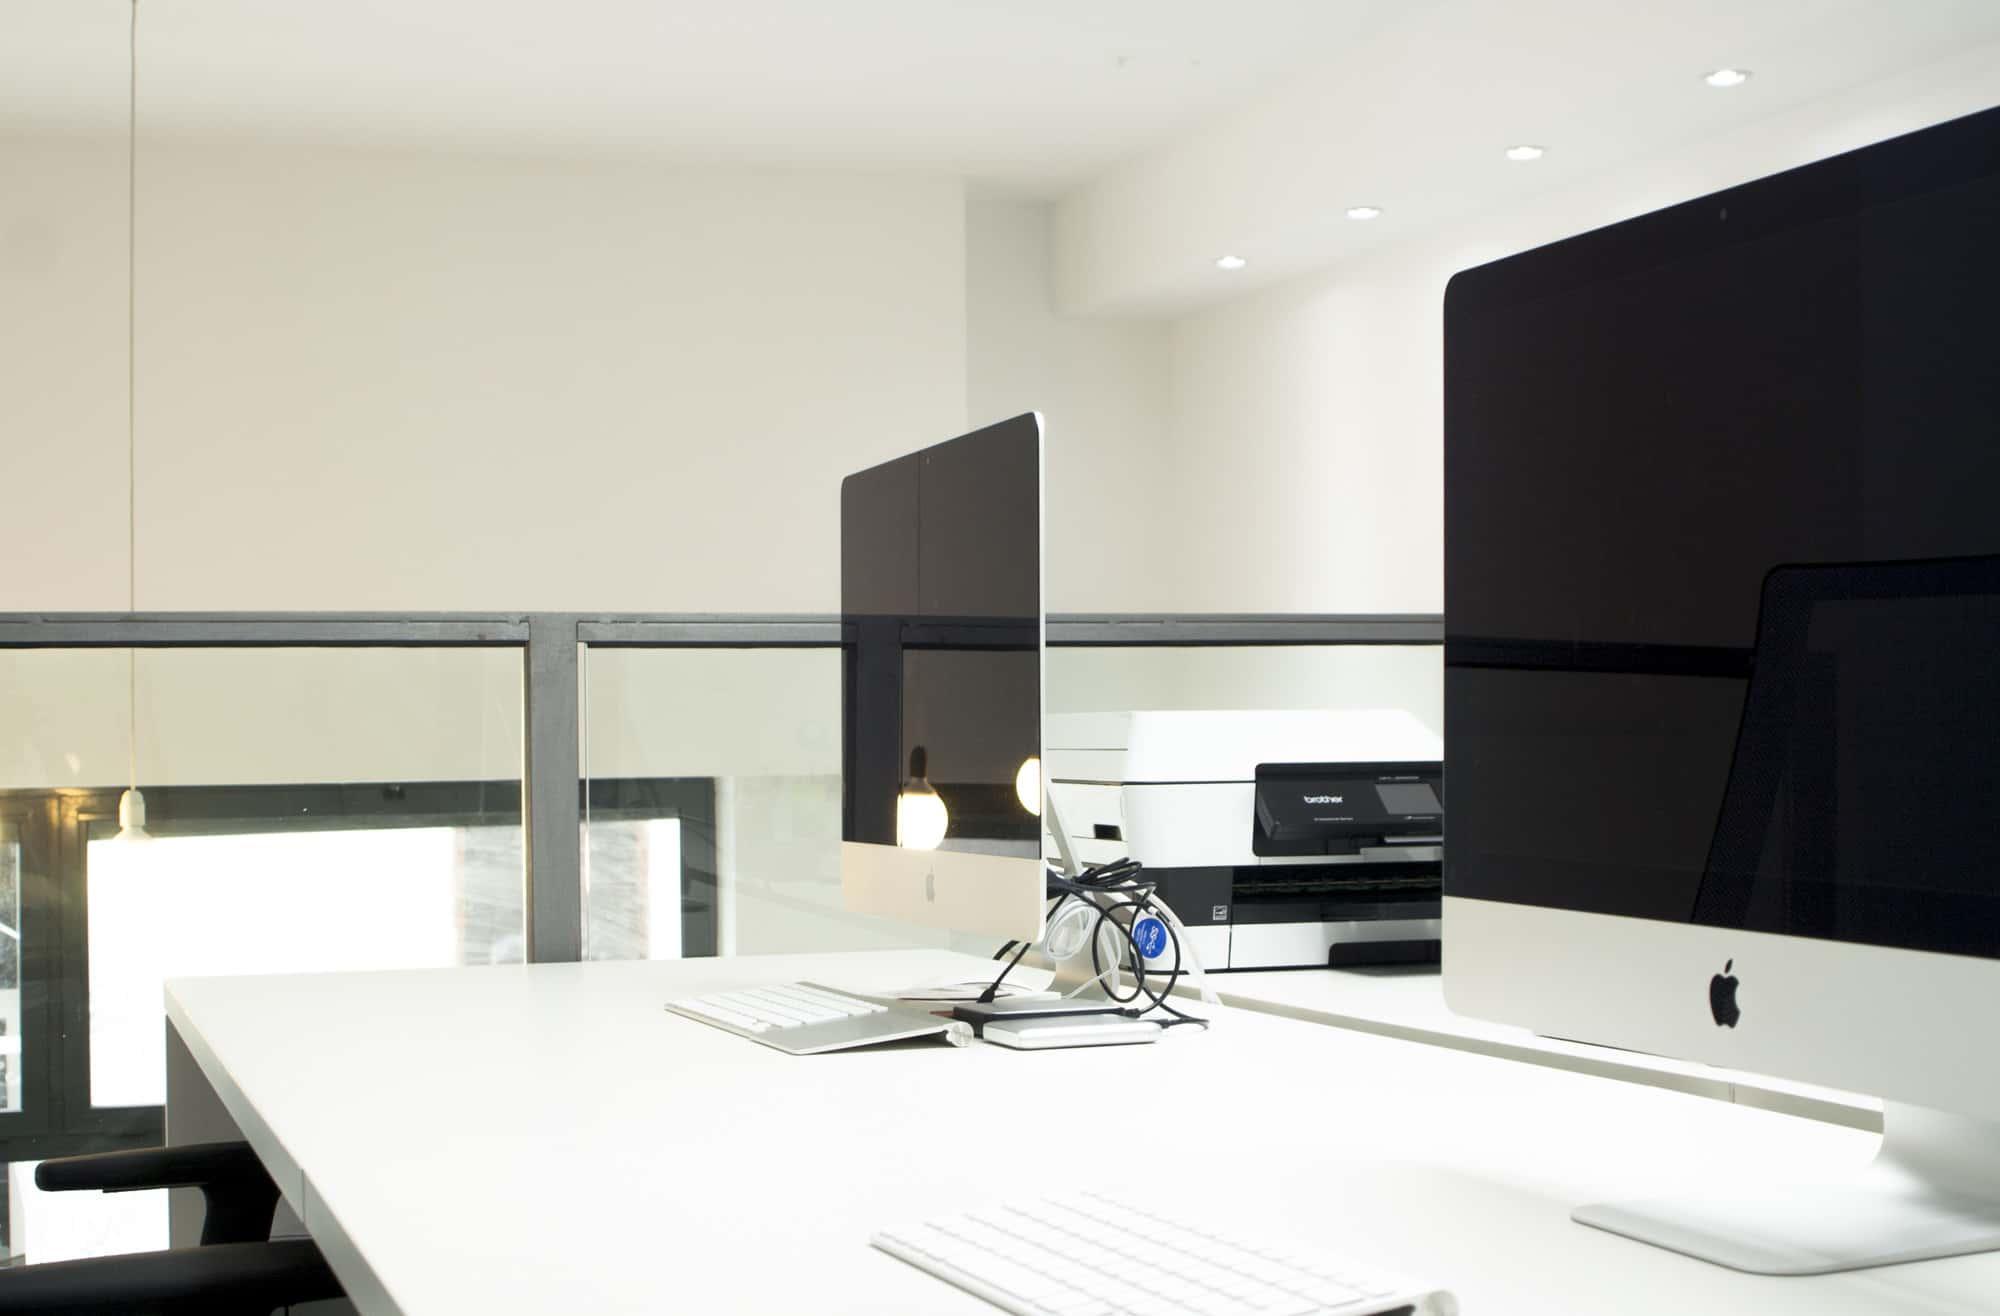 Interior Design Brandsummit Agency Marketing Valencia